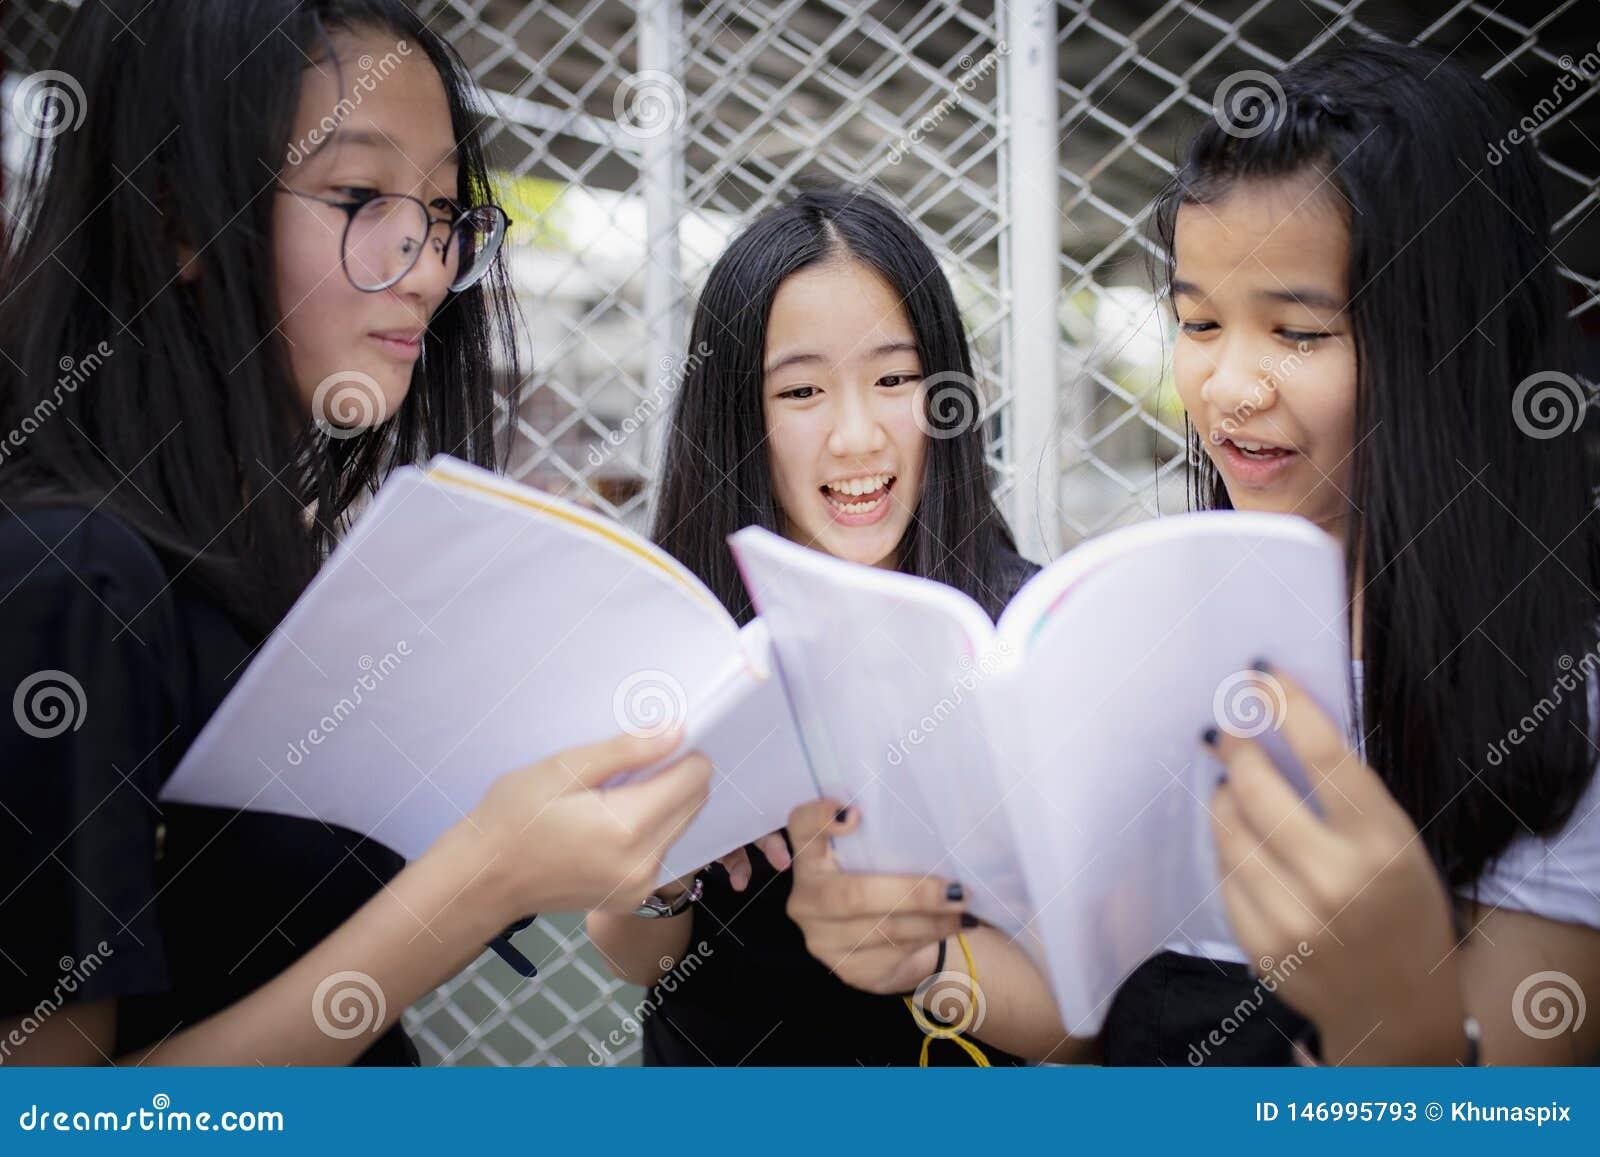 Asiatisches Jugendlichholdingschulbuch und Lachen mit dem Gl?ckgef?hl, das im Freien steht